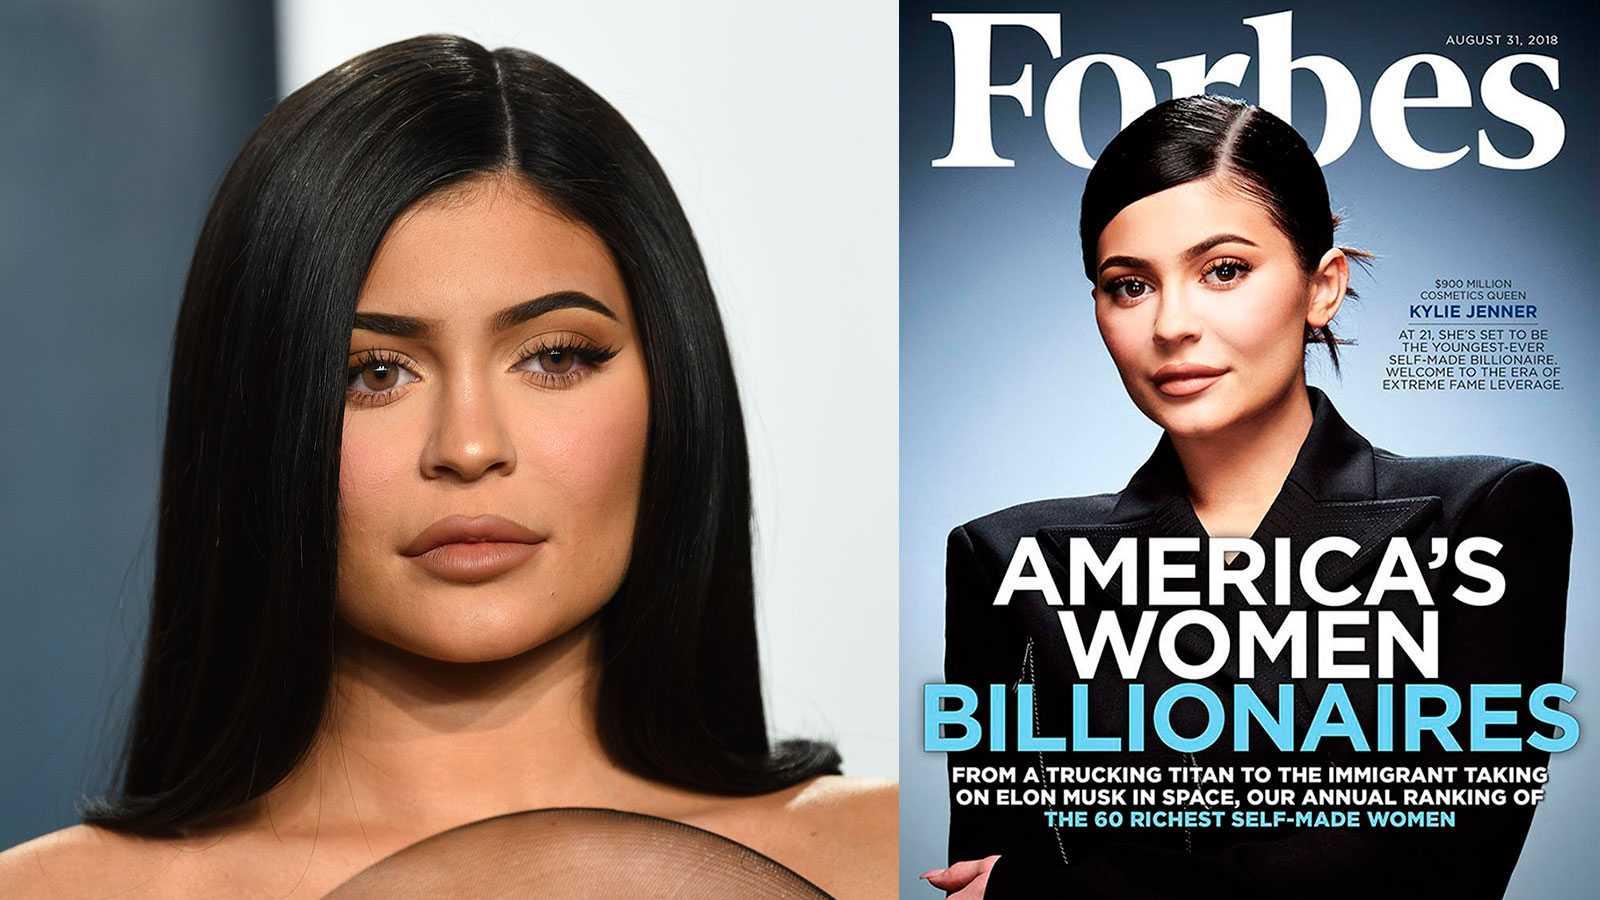 Forbes backar – menar att Kylie Jenner inte är (och aldrig varit) miljardär